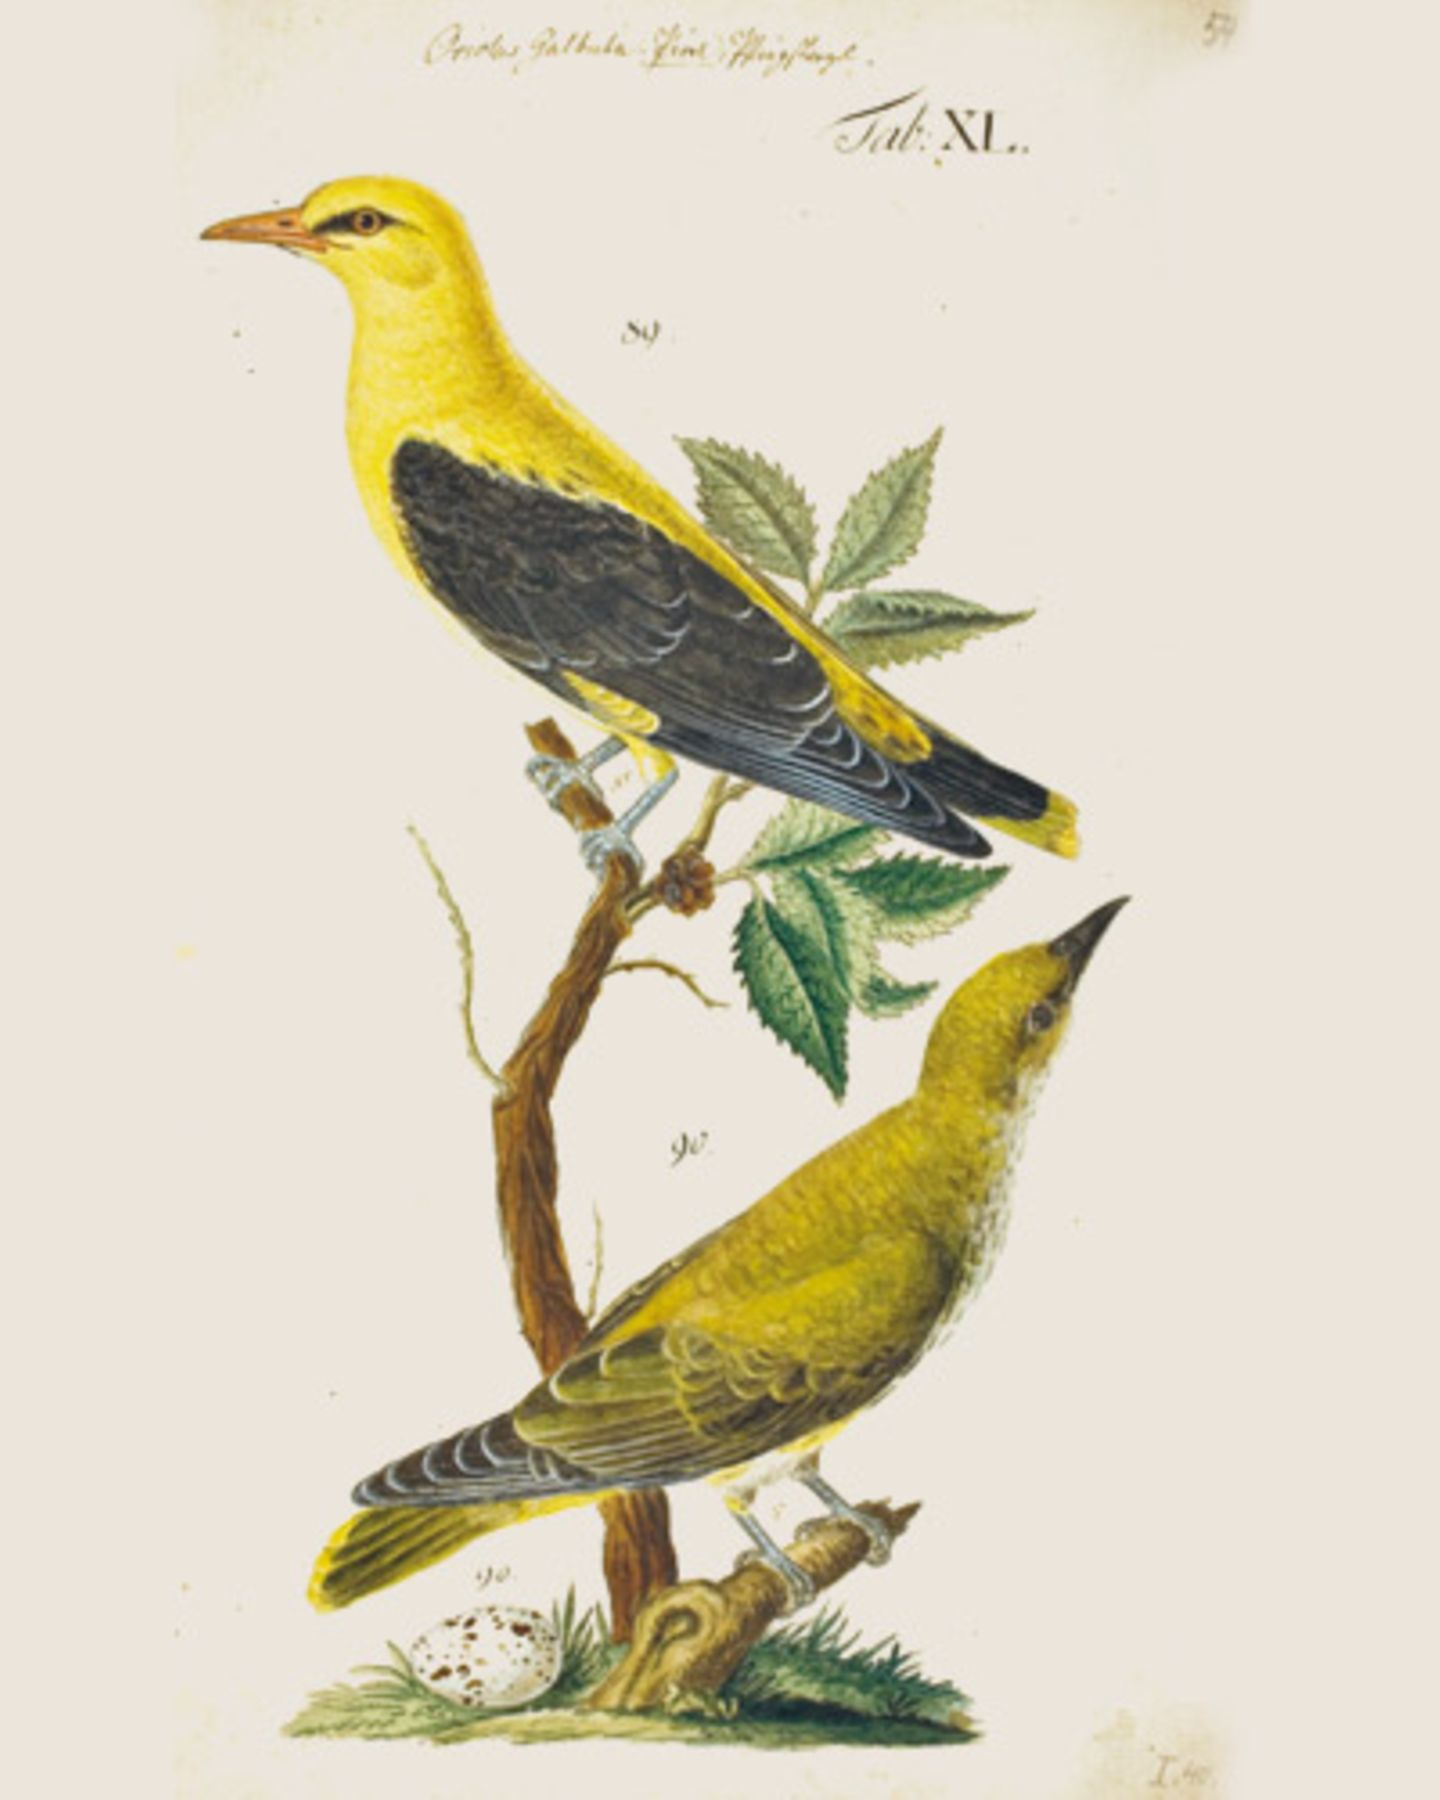 In einem opulenten Band (Die andere Bibliothek, Eichborn Verlag) sind nun 80 wunderschöne, bislang unveröffentliche Aquarelle des zu seiner Zeit berühmten, mit den Jahren leider vergessenen Vogelkundlers erschienen Priol, weiblich und männlich